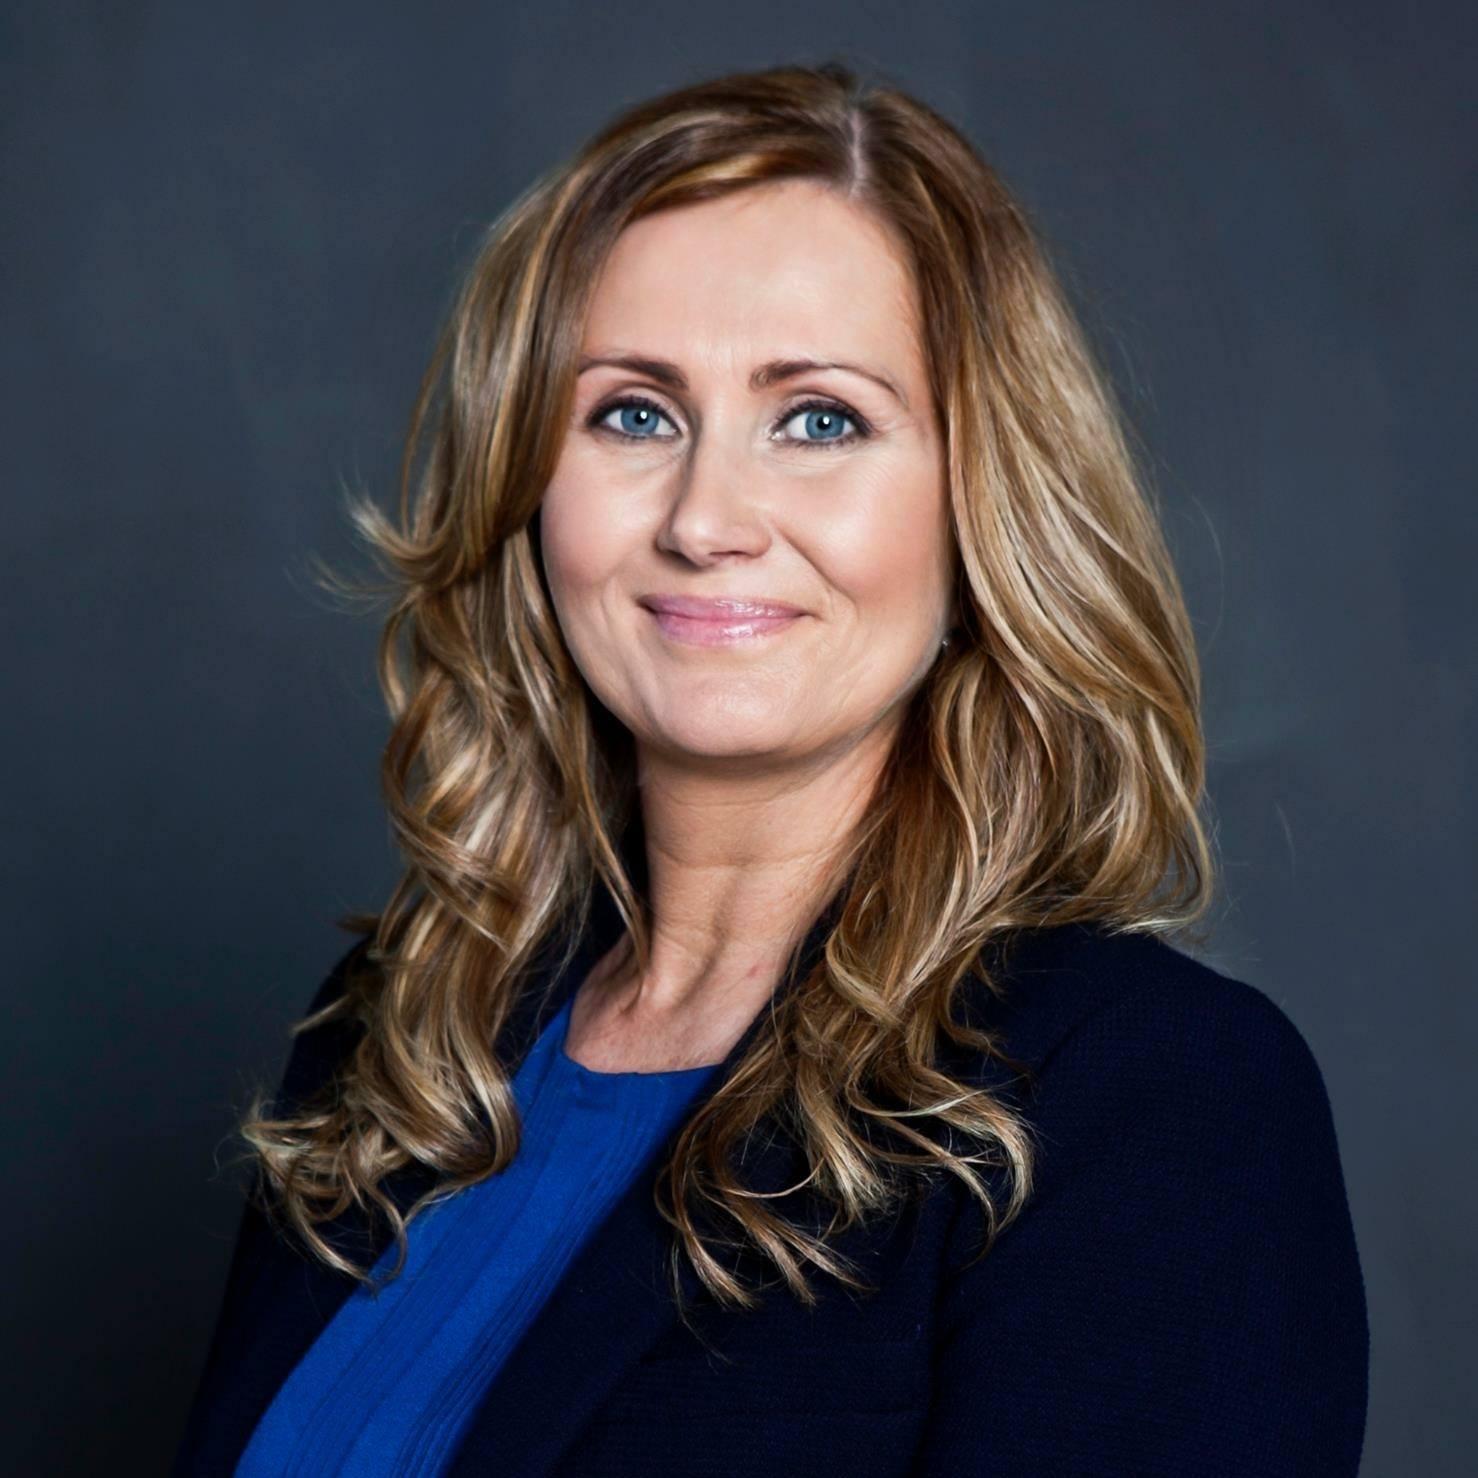 Kristín Rögnvaldsdóttir